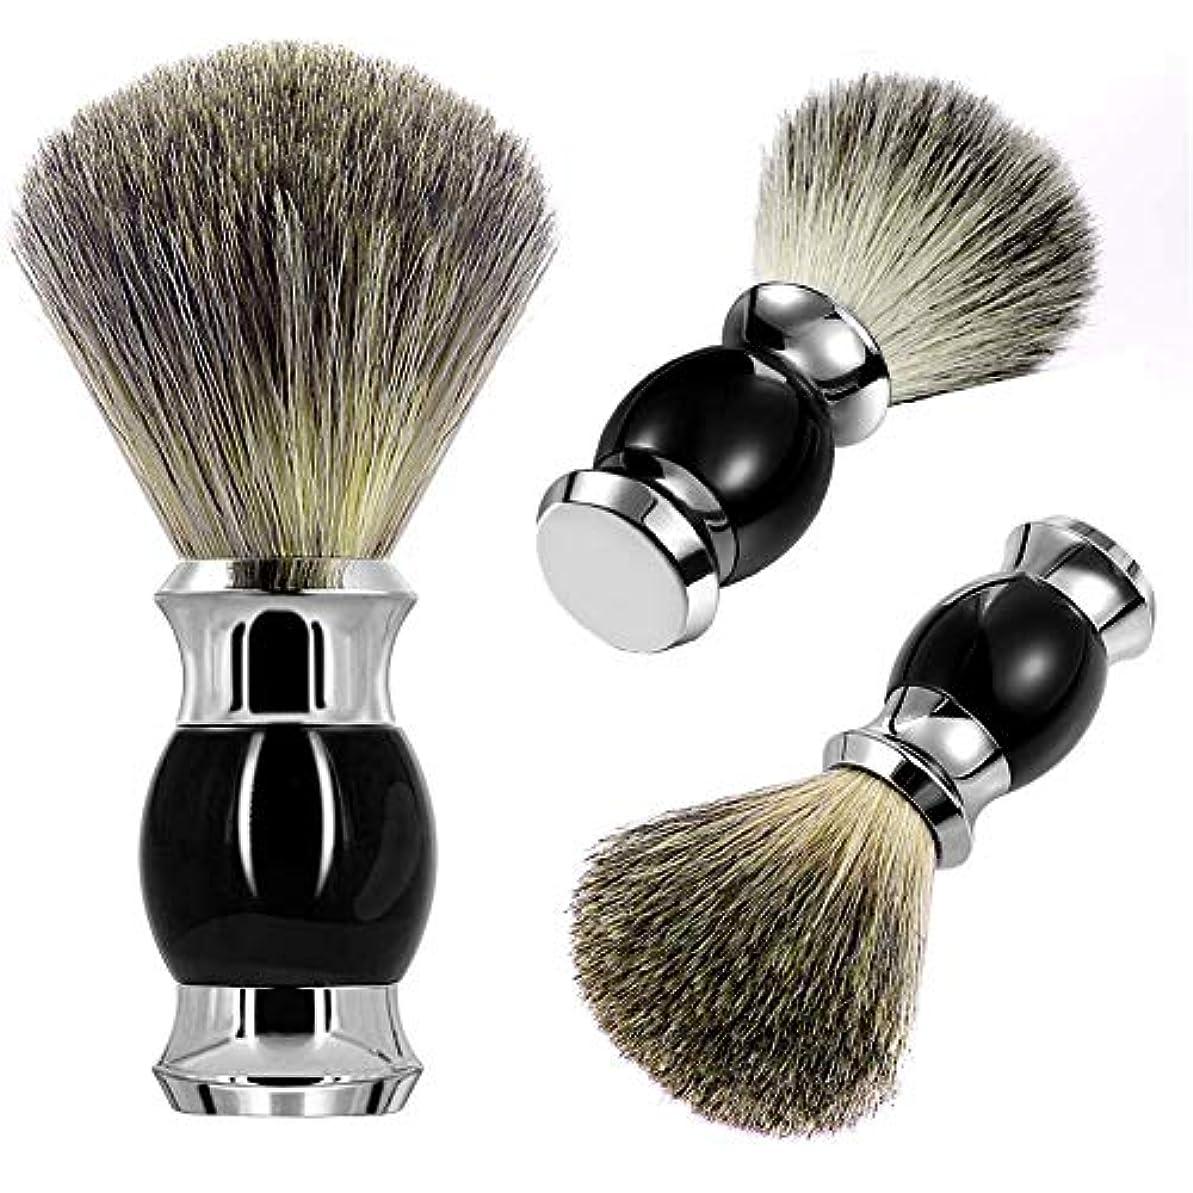 活気づくひまわりくまメンズ アナグマ毛ひげブラシ シェービング ブラシ 理容 洗顔 髭剃り